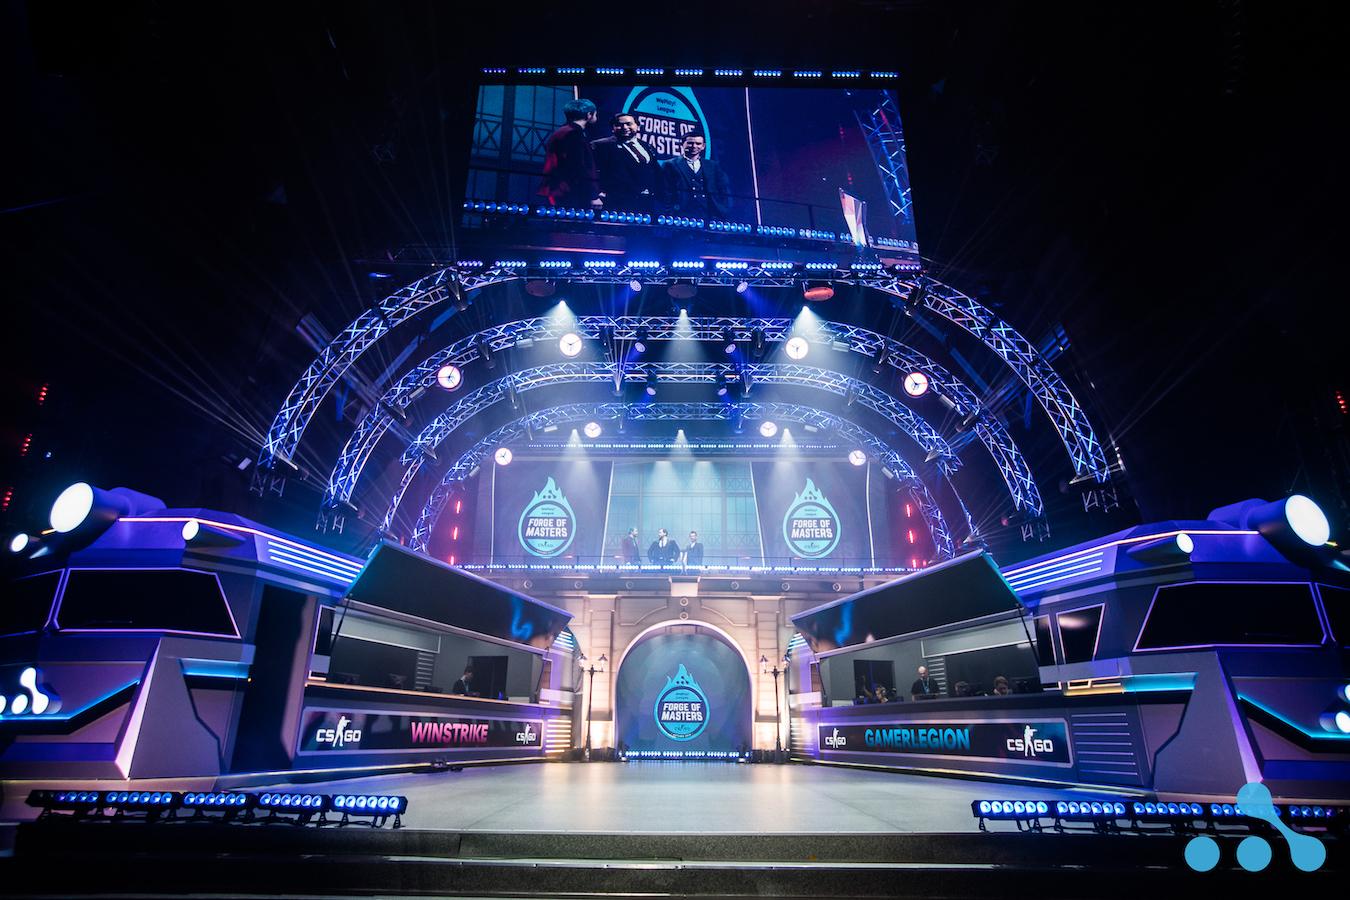 Кіберспортивні турніри тривають по 8-12 годин протягом 4-20 днів